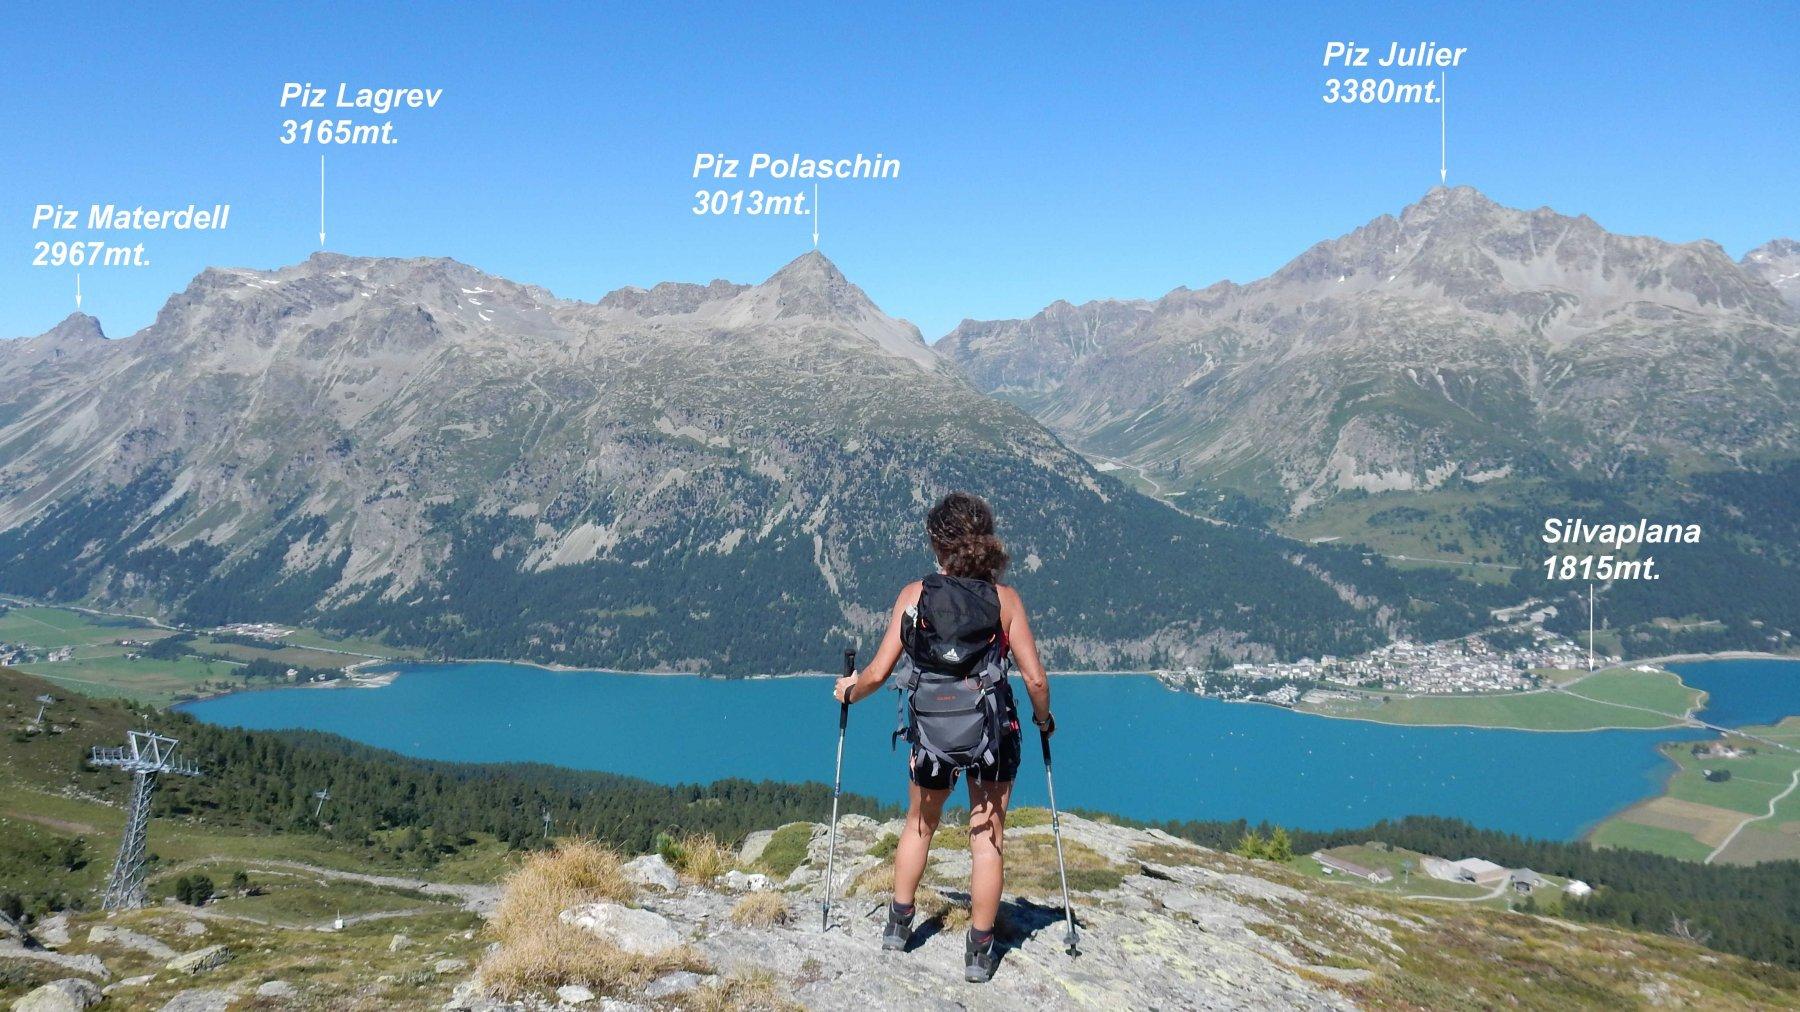 Salendo verso la Fuorcla Surlej panorama grandioso sull'Alta Engadina.